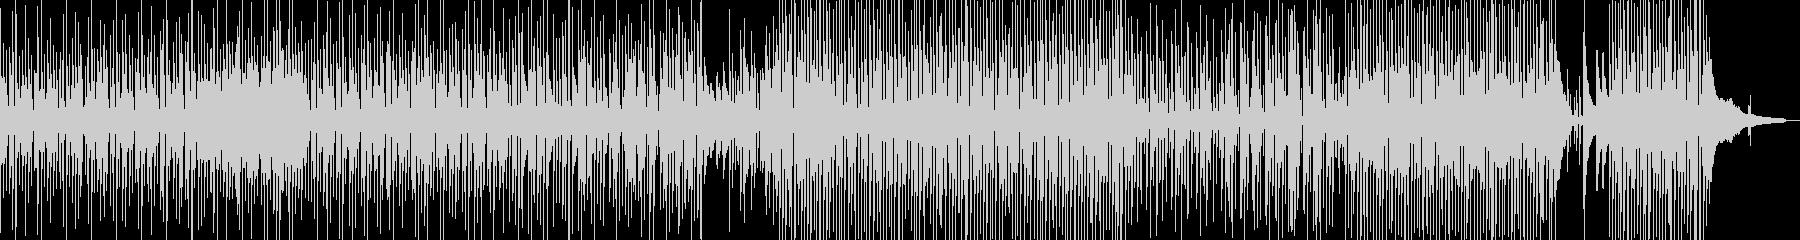 ウクレレのほのぼのするポップス cの未再生の波形